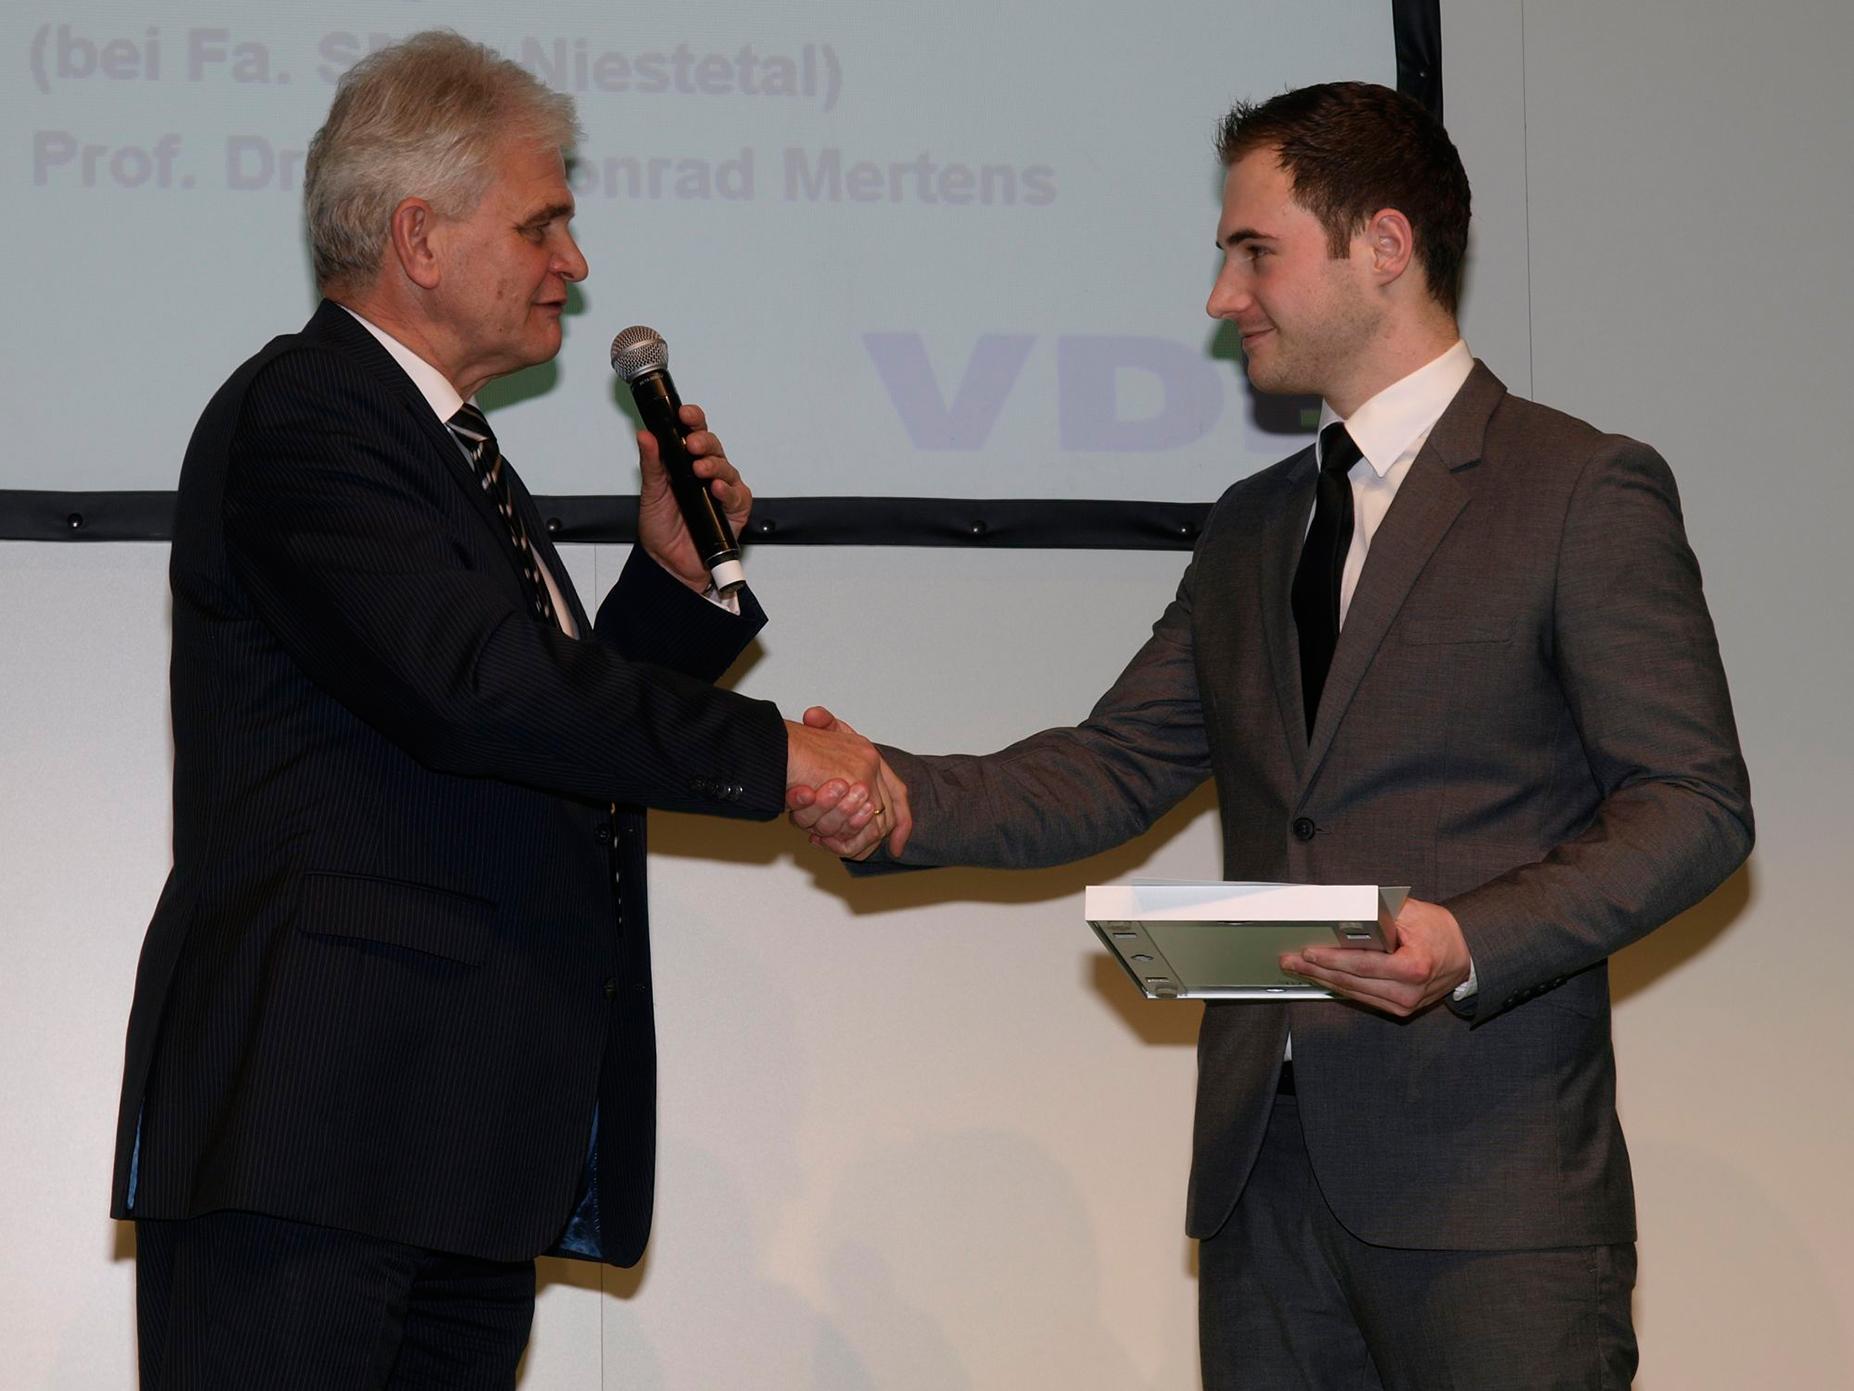 VDE-Preis Jens Wermers